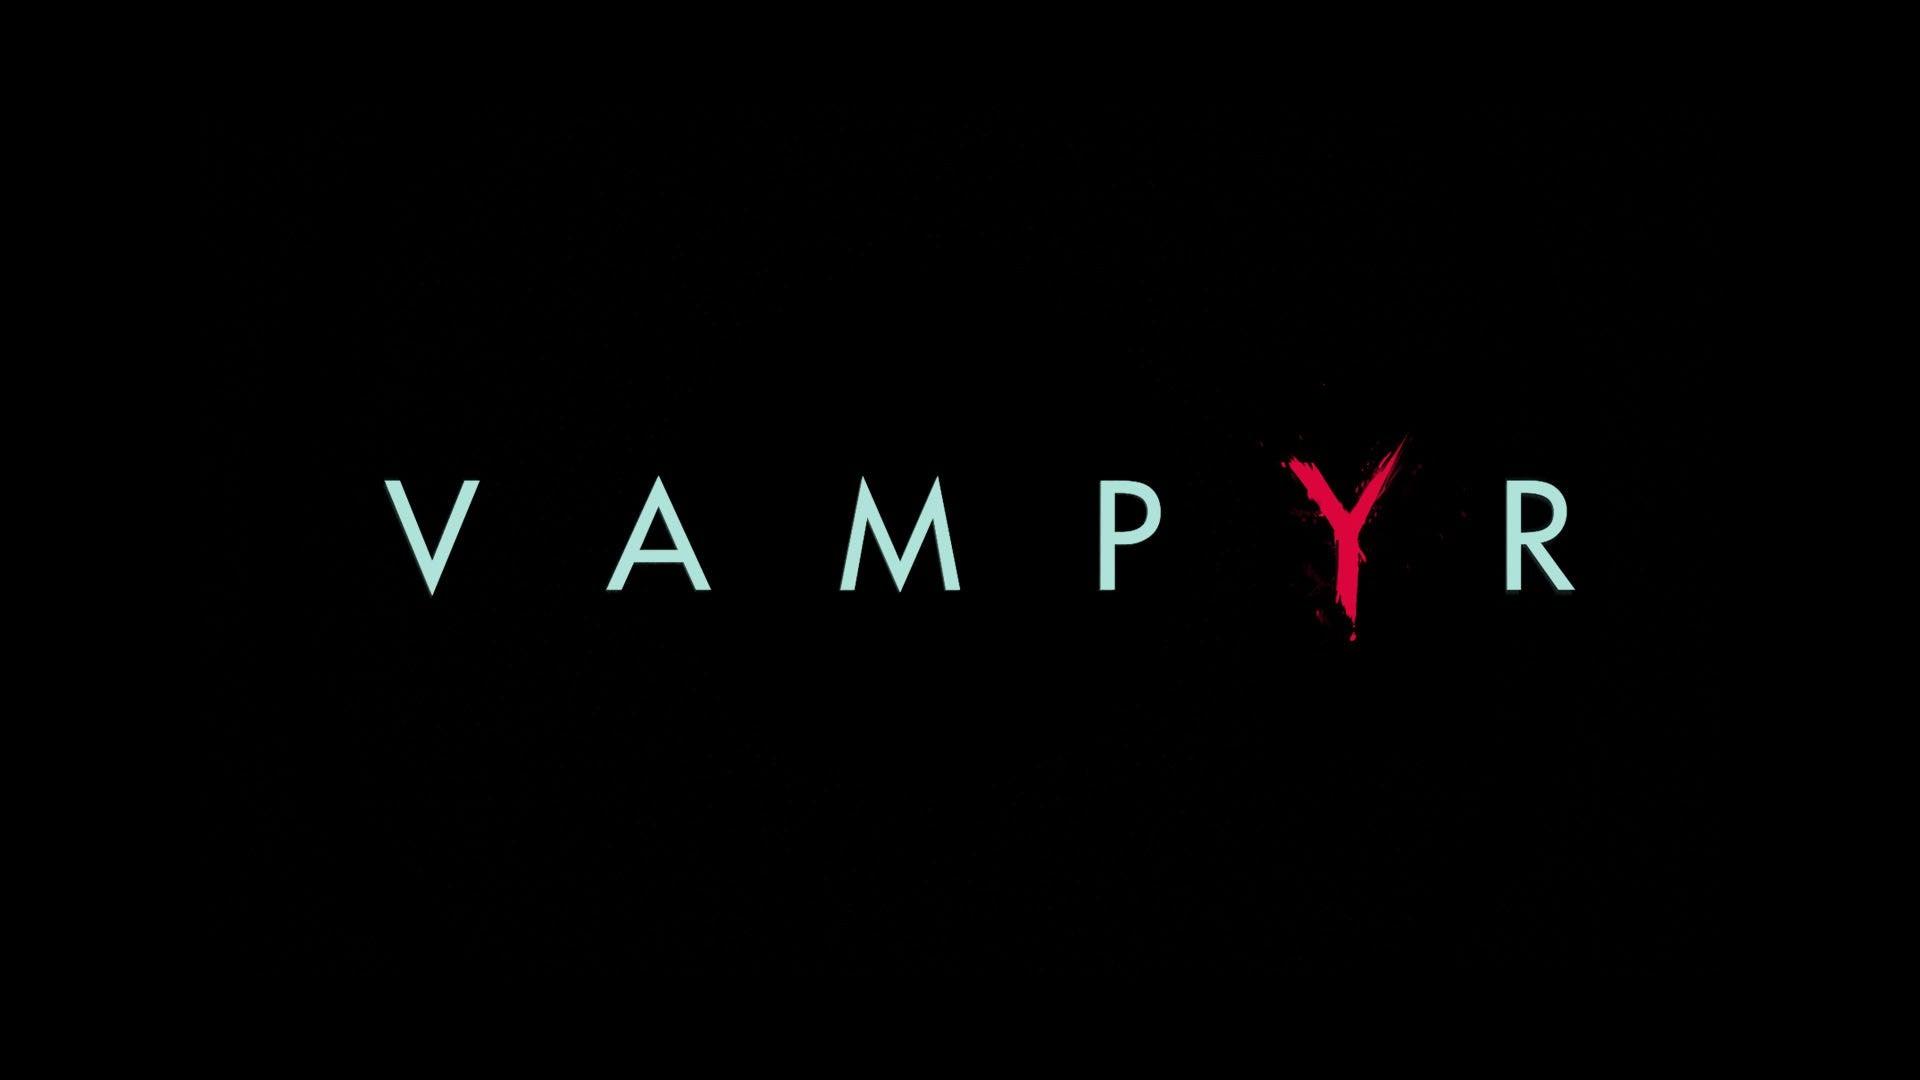 Vampyr logo